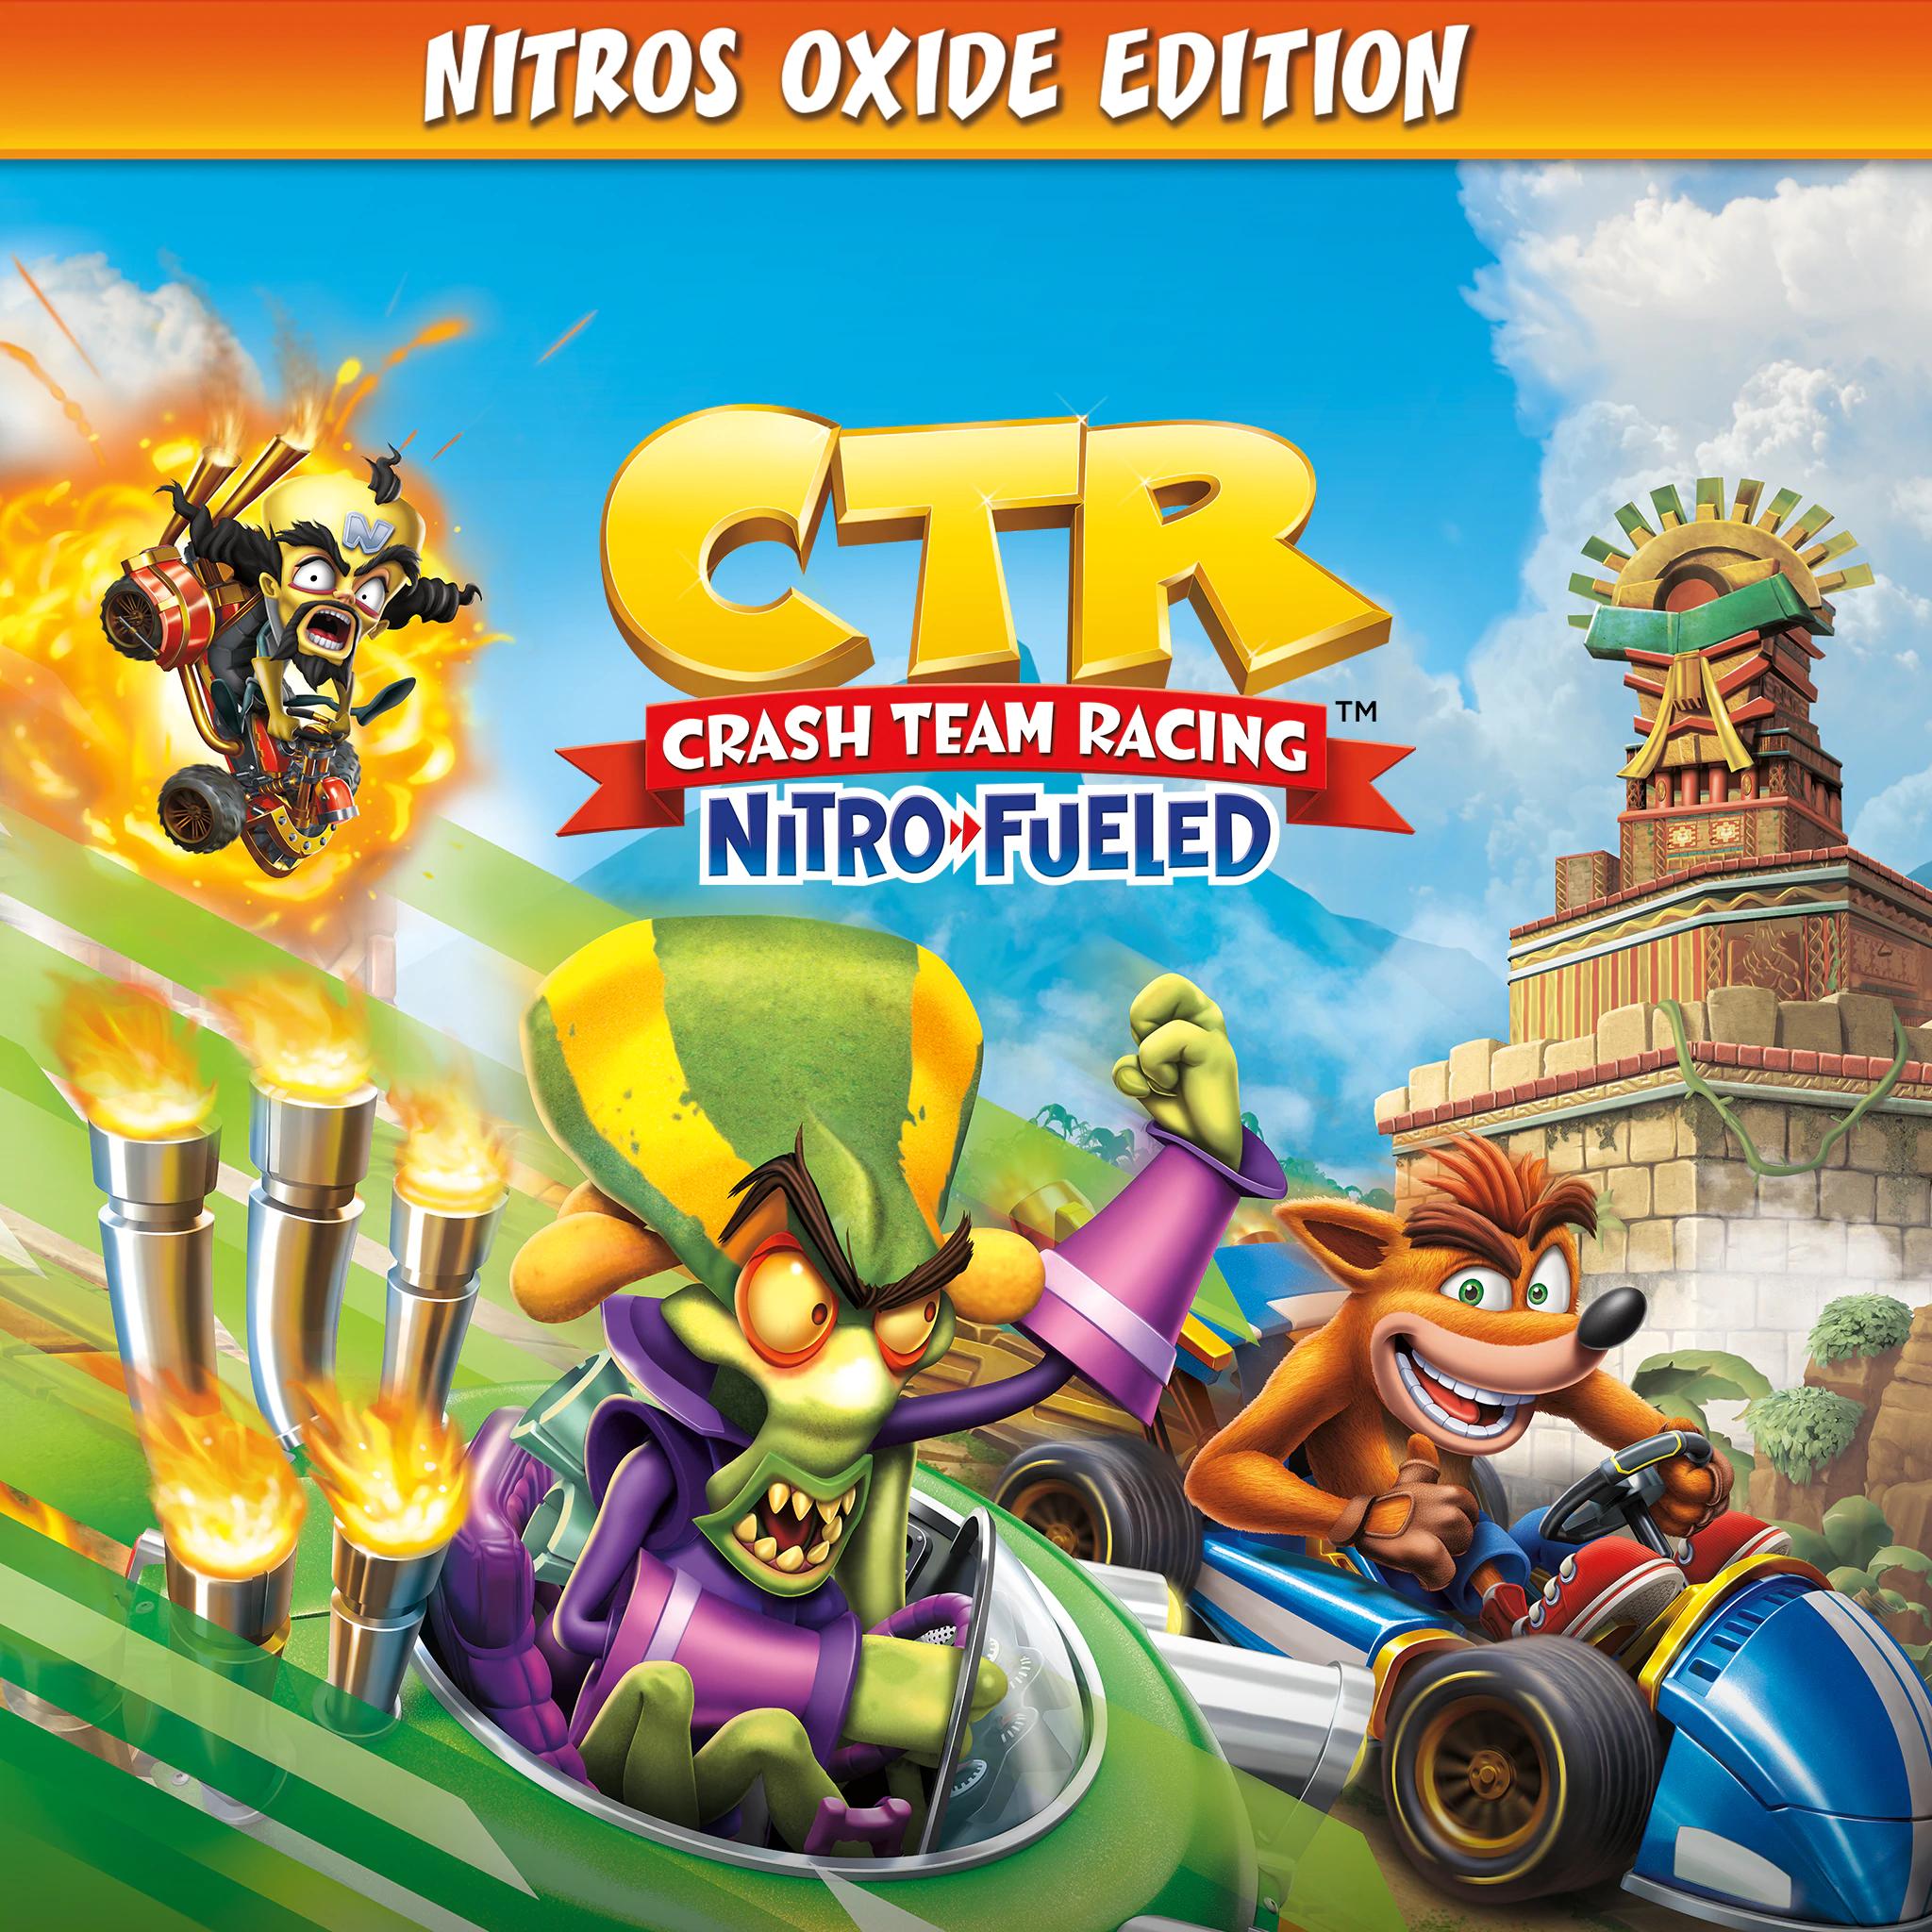 Crash Team Racing Nitro-Fueled - Édition Nitros Oxide sur PS4 (dématérialisé)